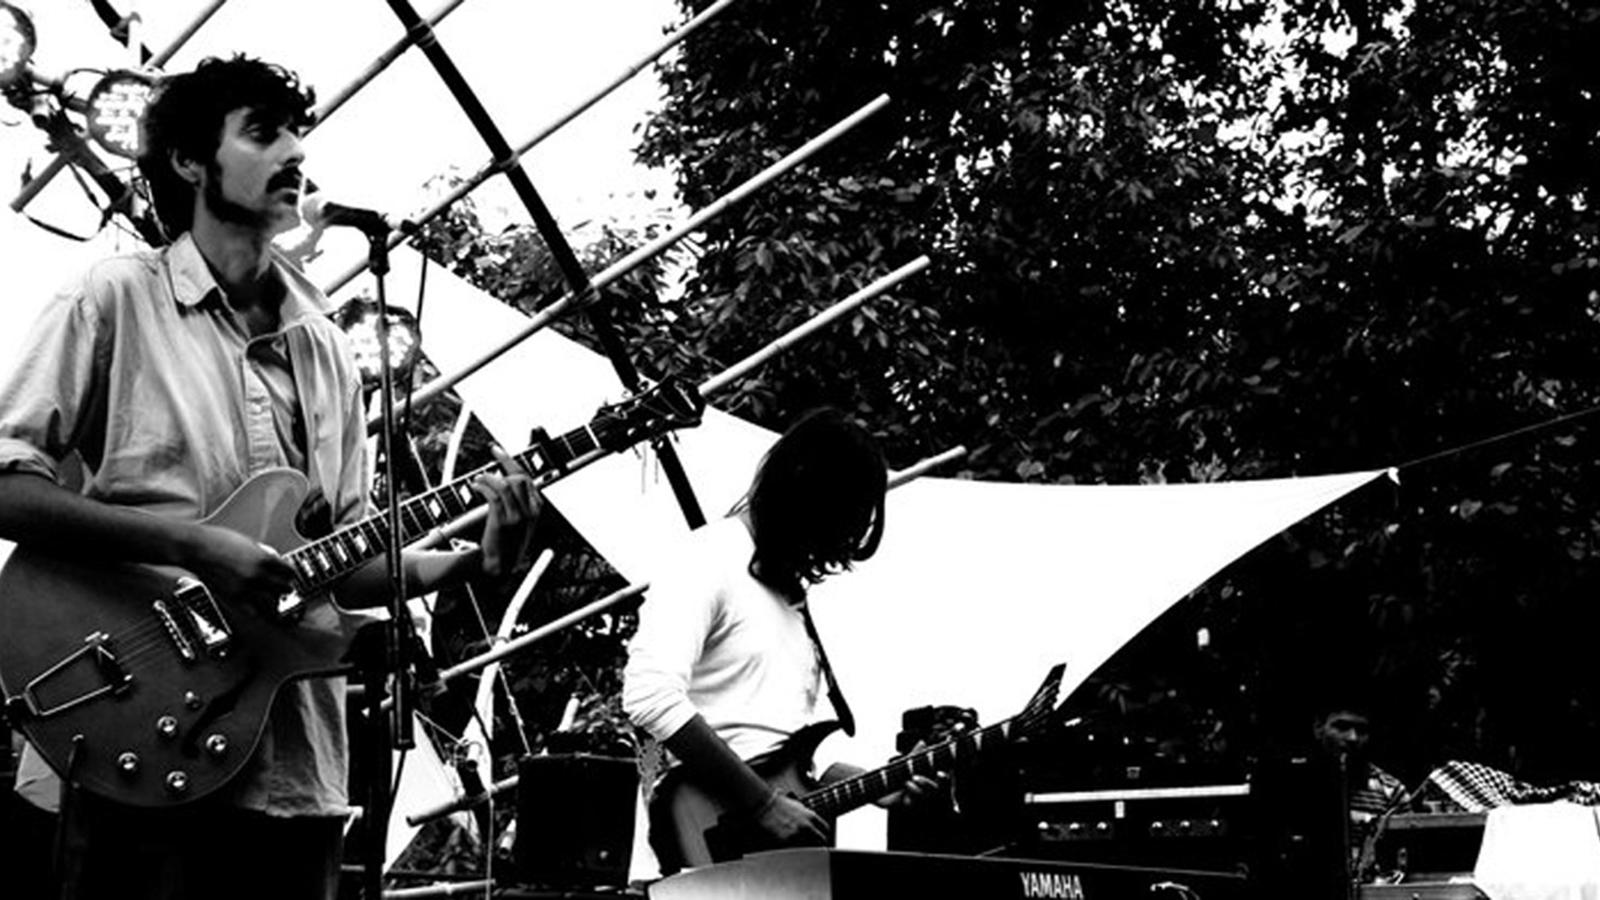 009_014_escape-festival.jpg